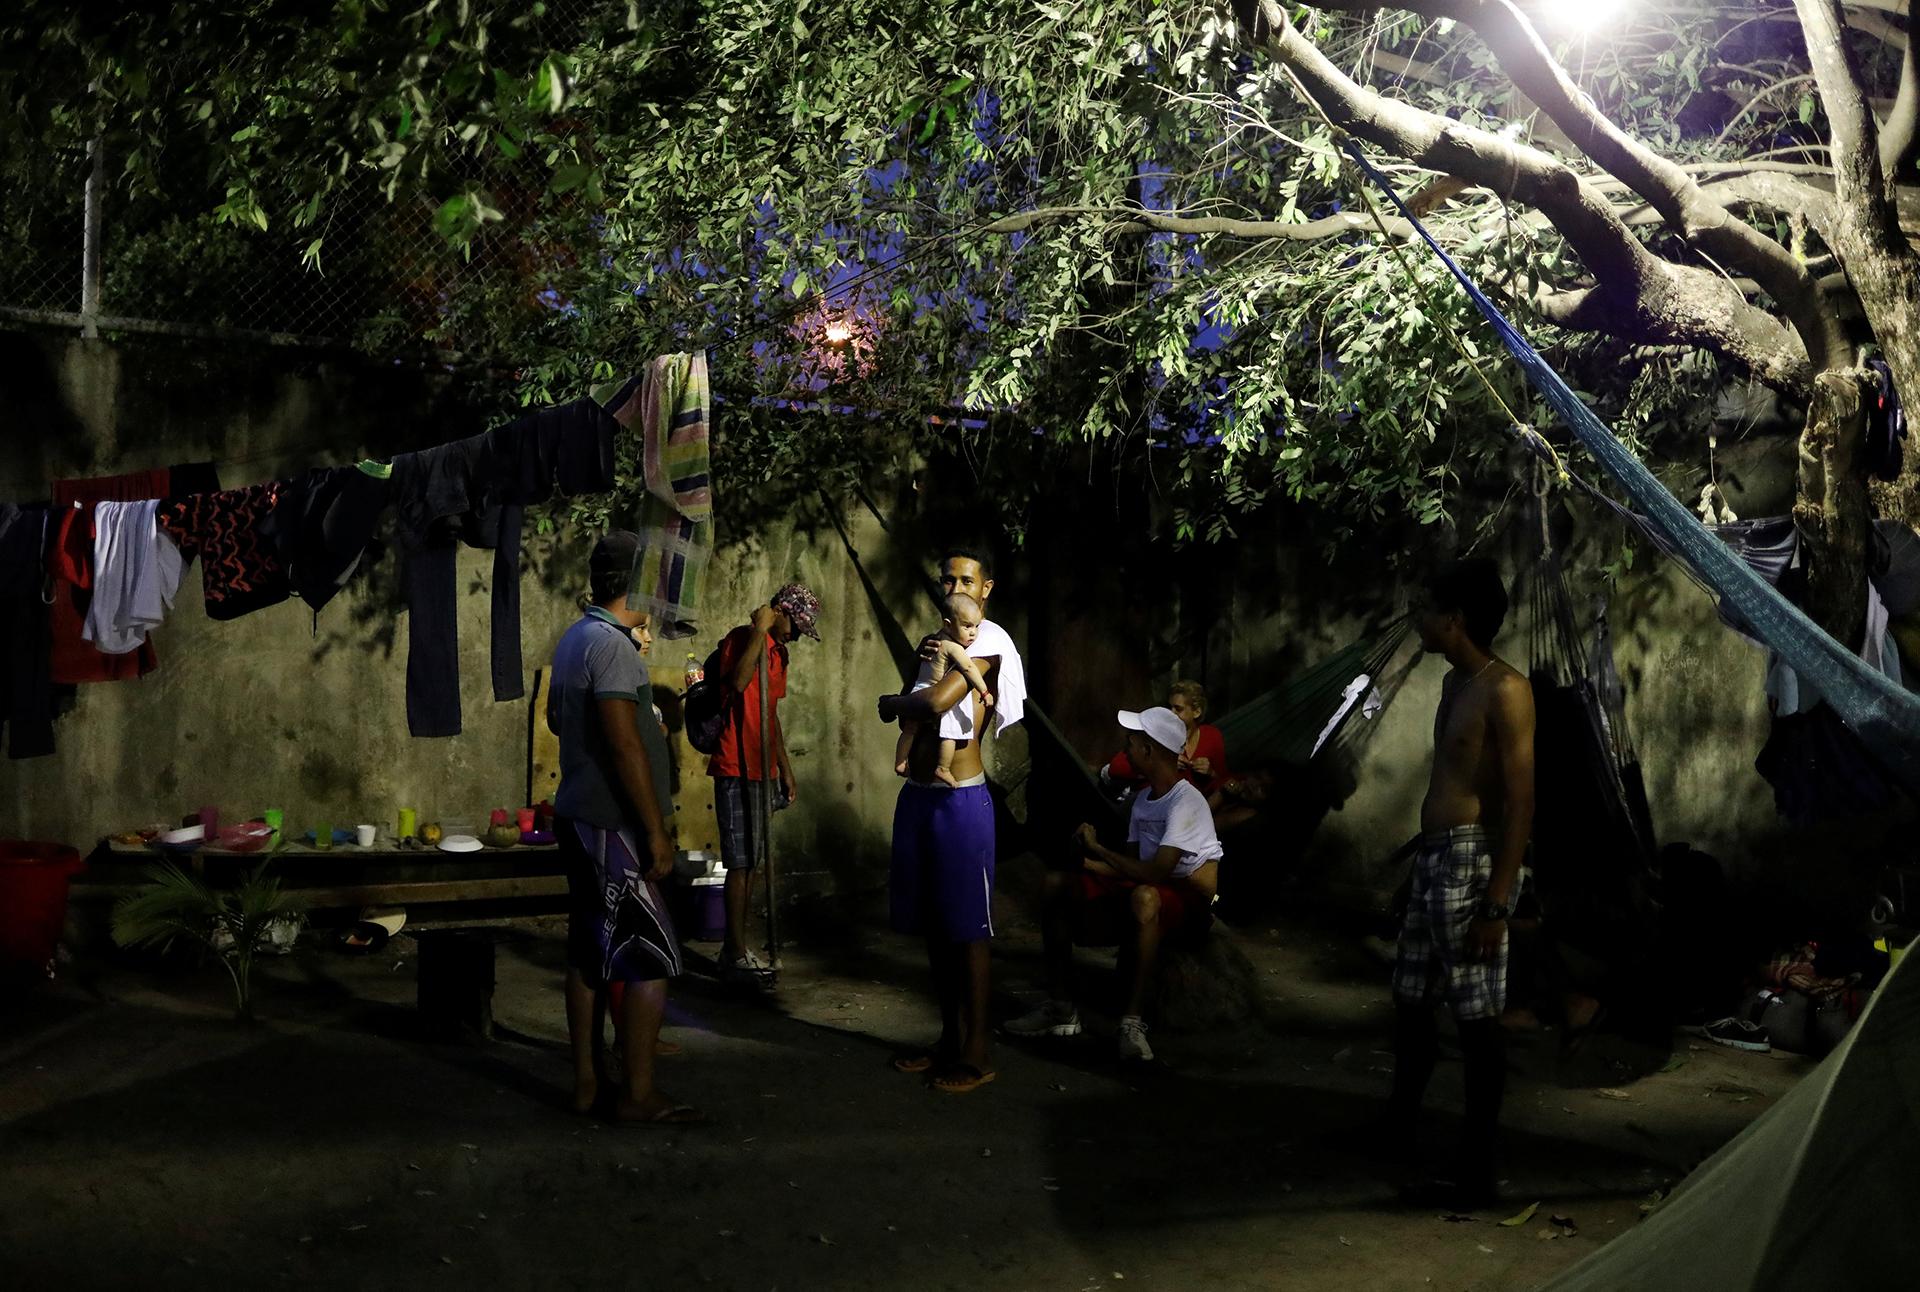 Los venezolanos tratan de sobrevivir como pueden (REUTERS)